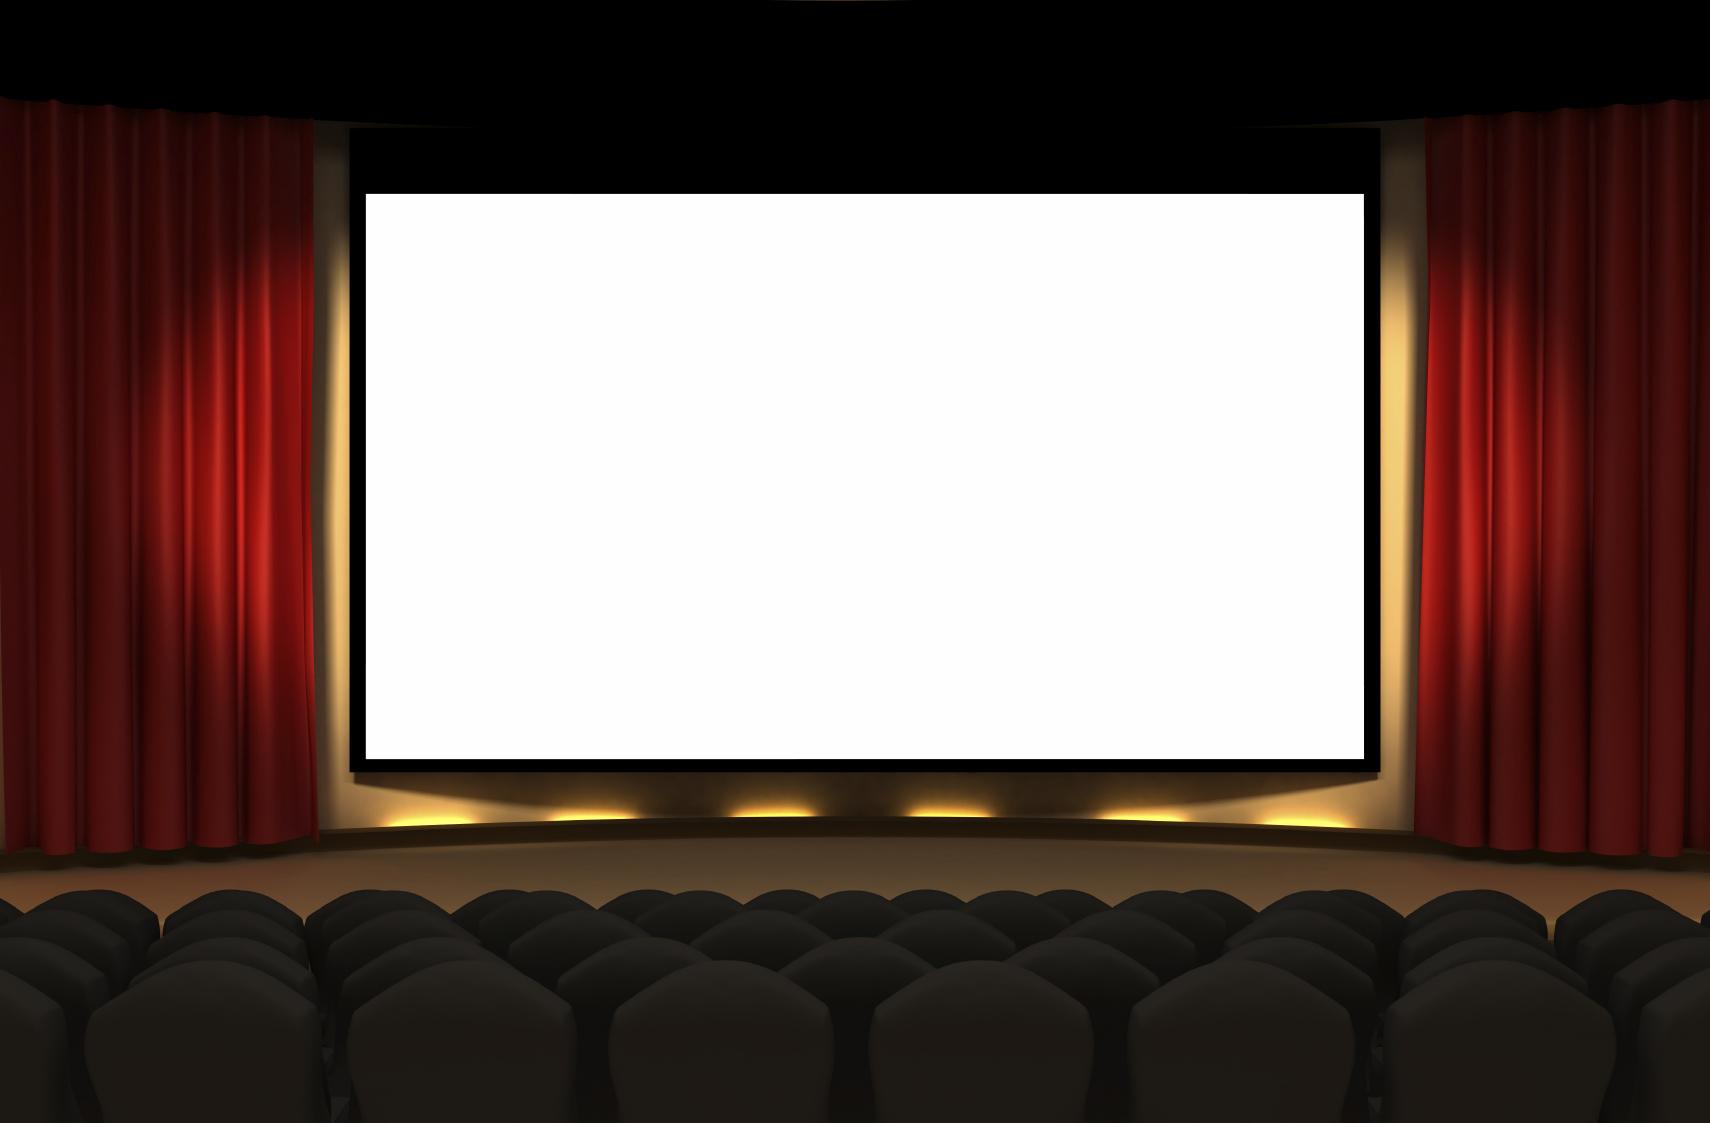 Movie Theater Clip Art & Movie Theater Clip Art Clip Art Images.